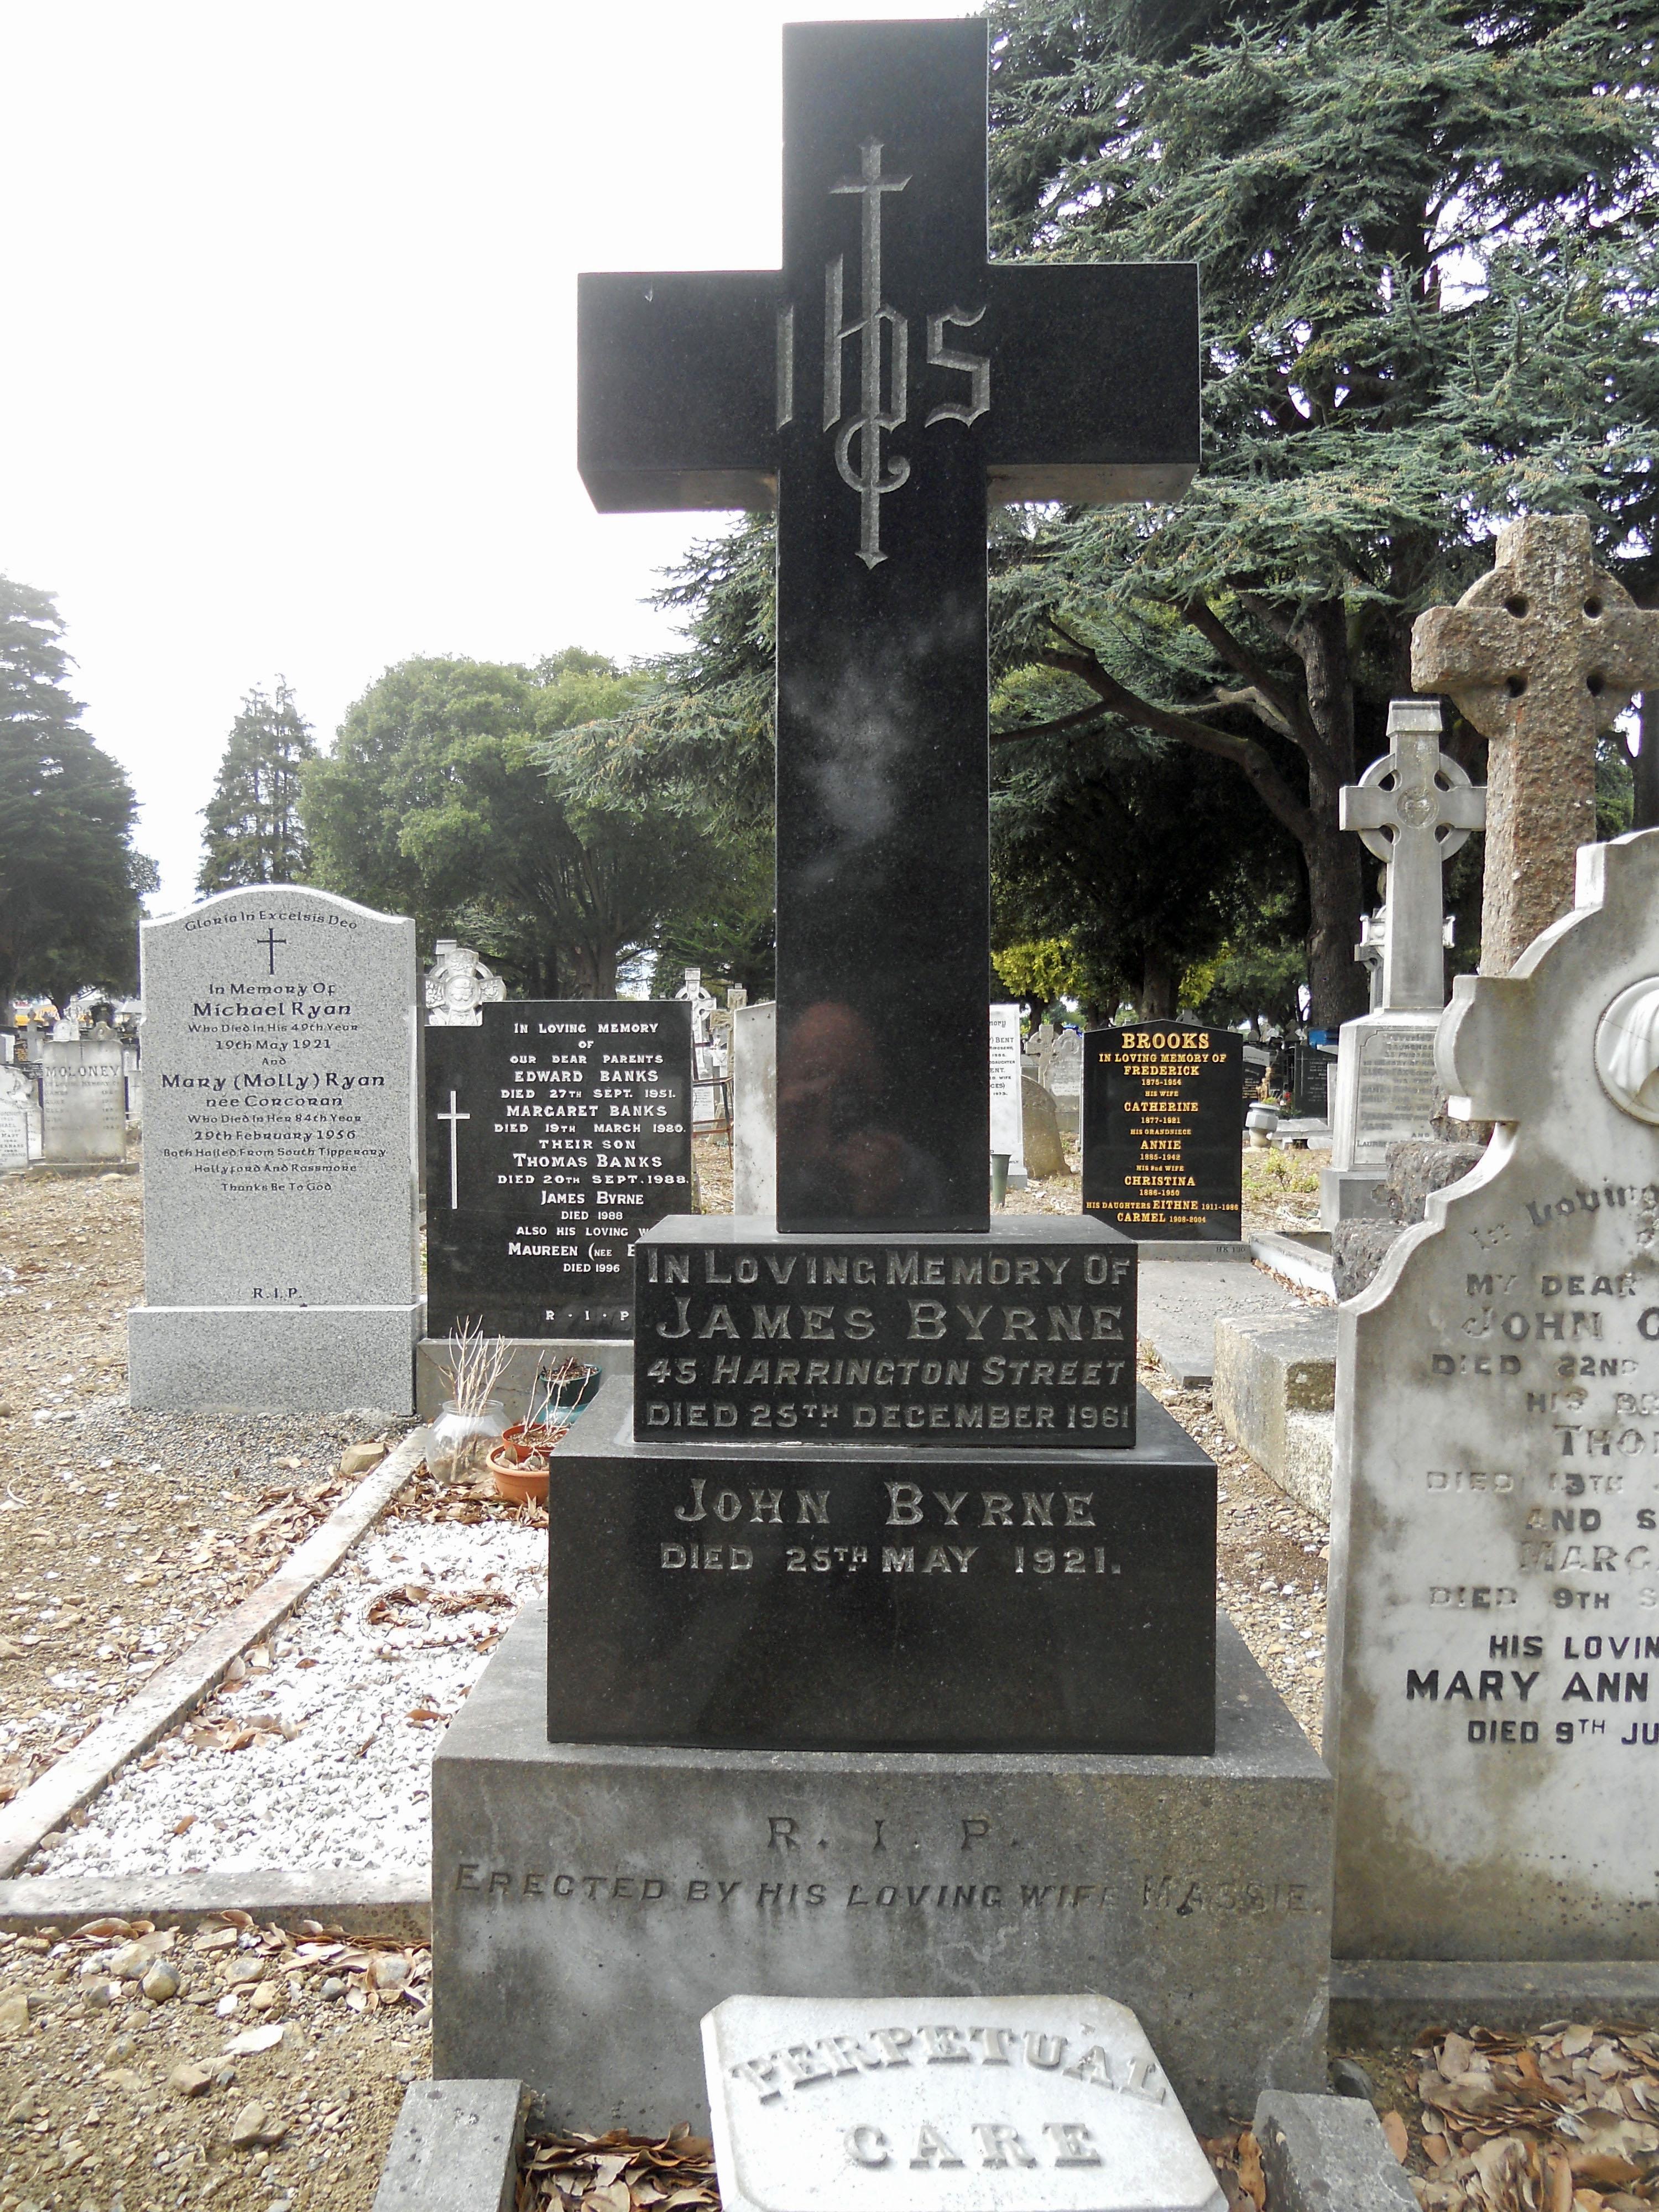 Byrne headstone Burning of Dublin Custom House 1921